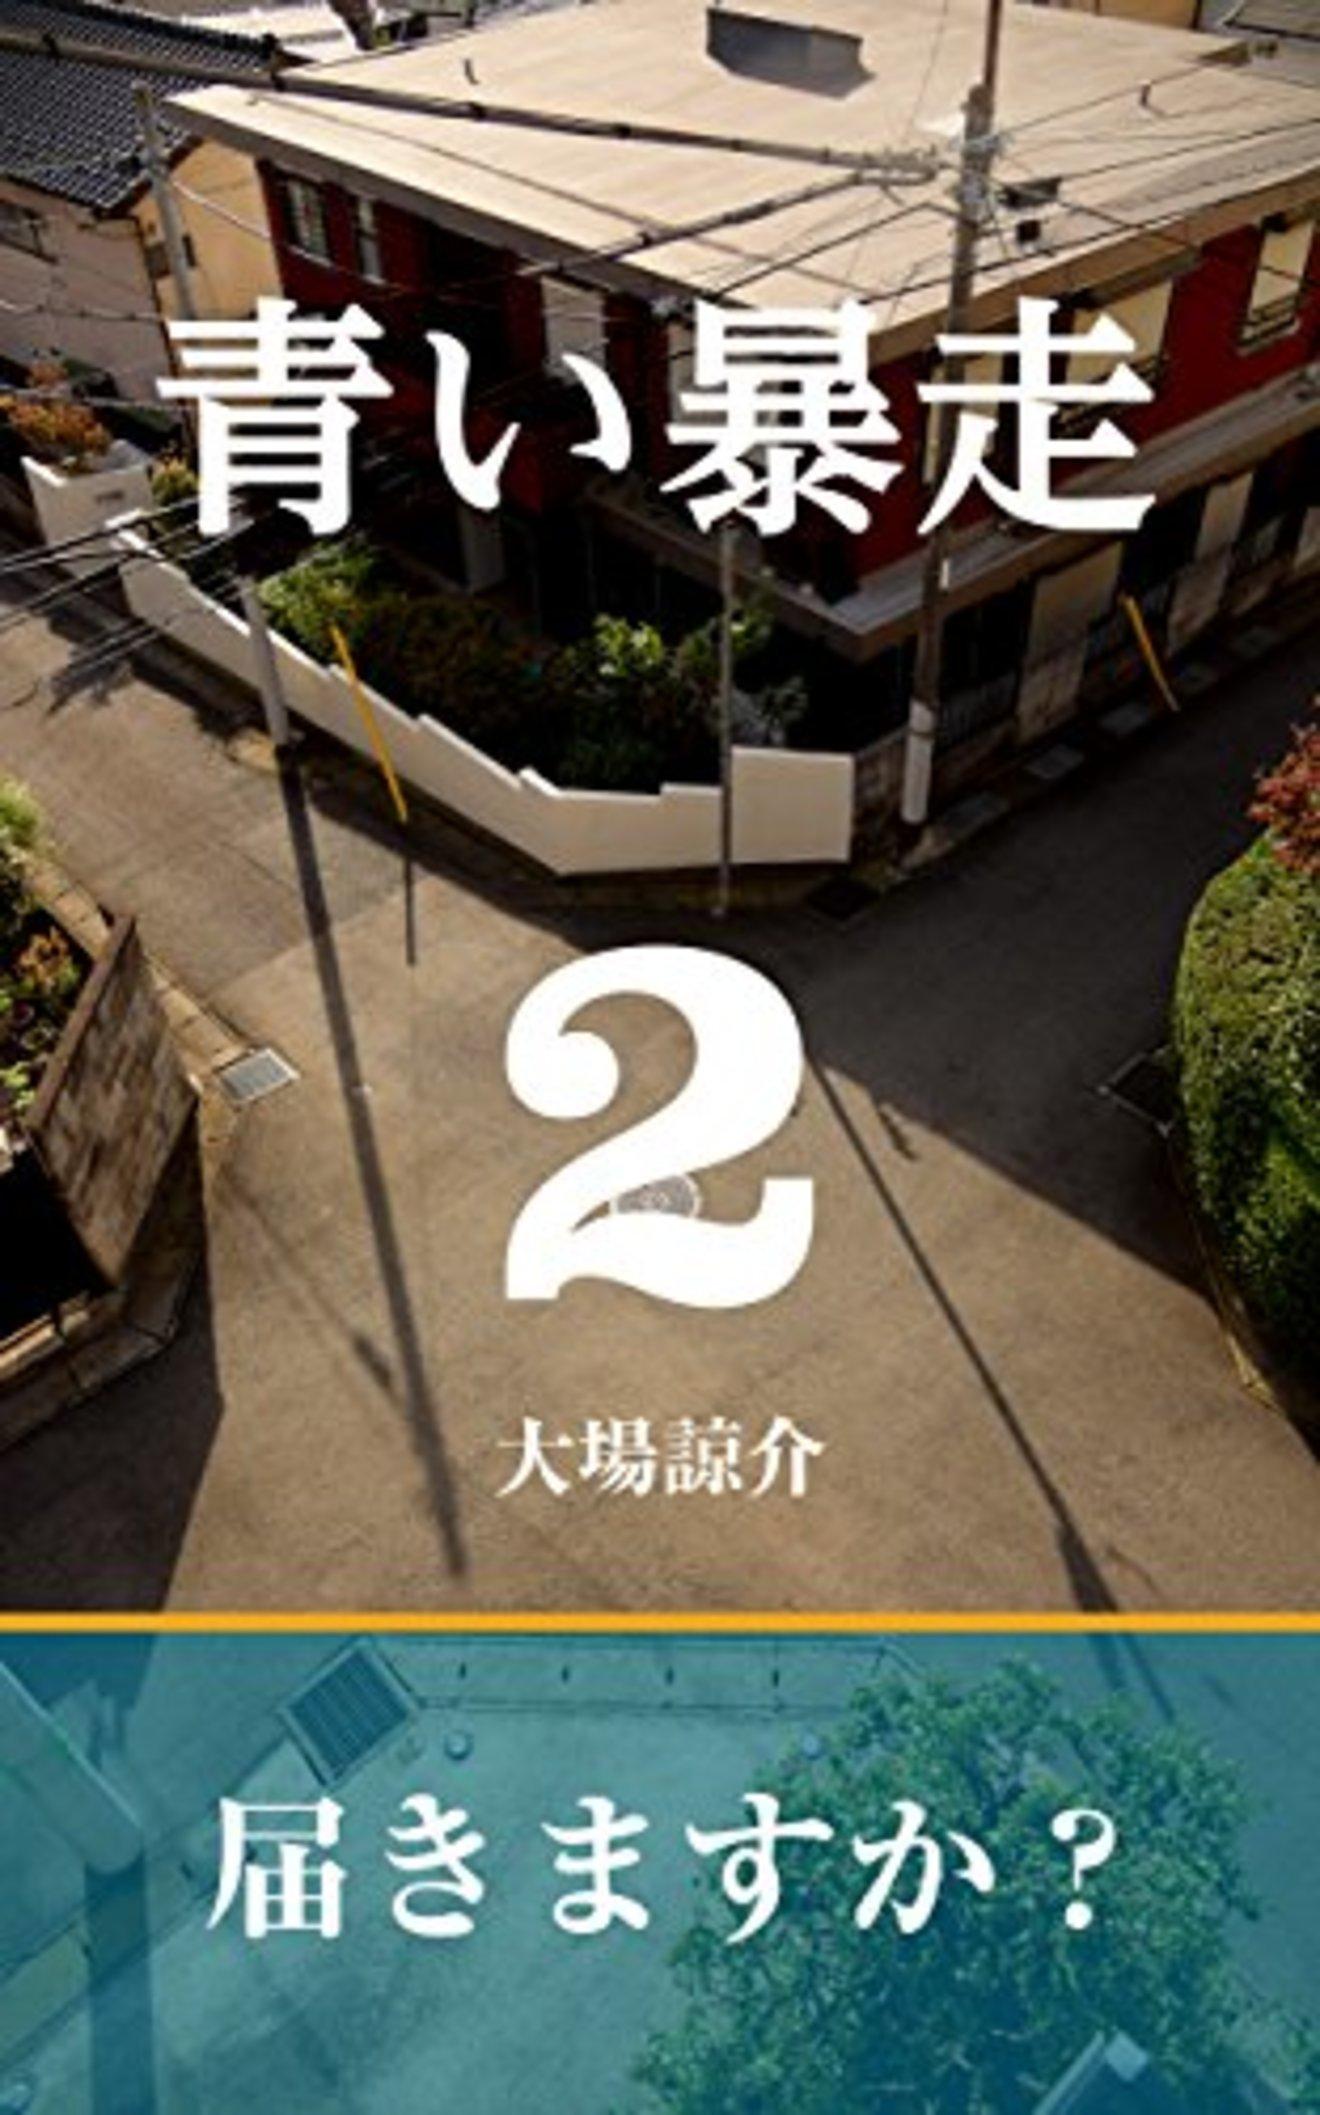 【連載小説】「CROSS ROAD」第7話【毎週土曜更新】